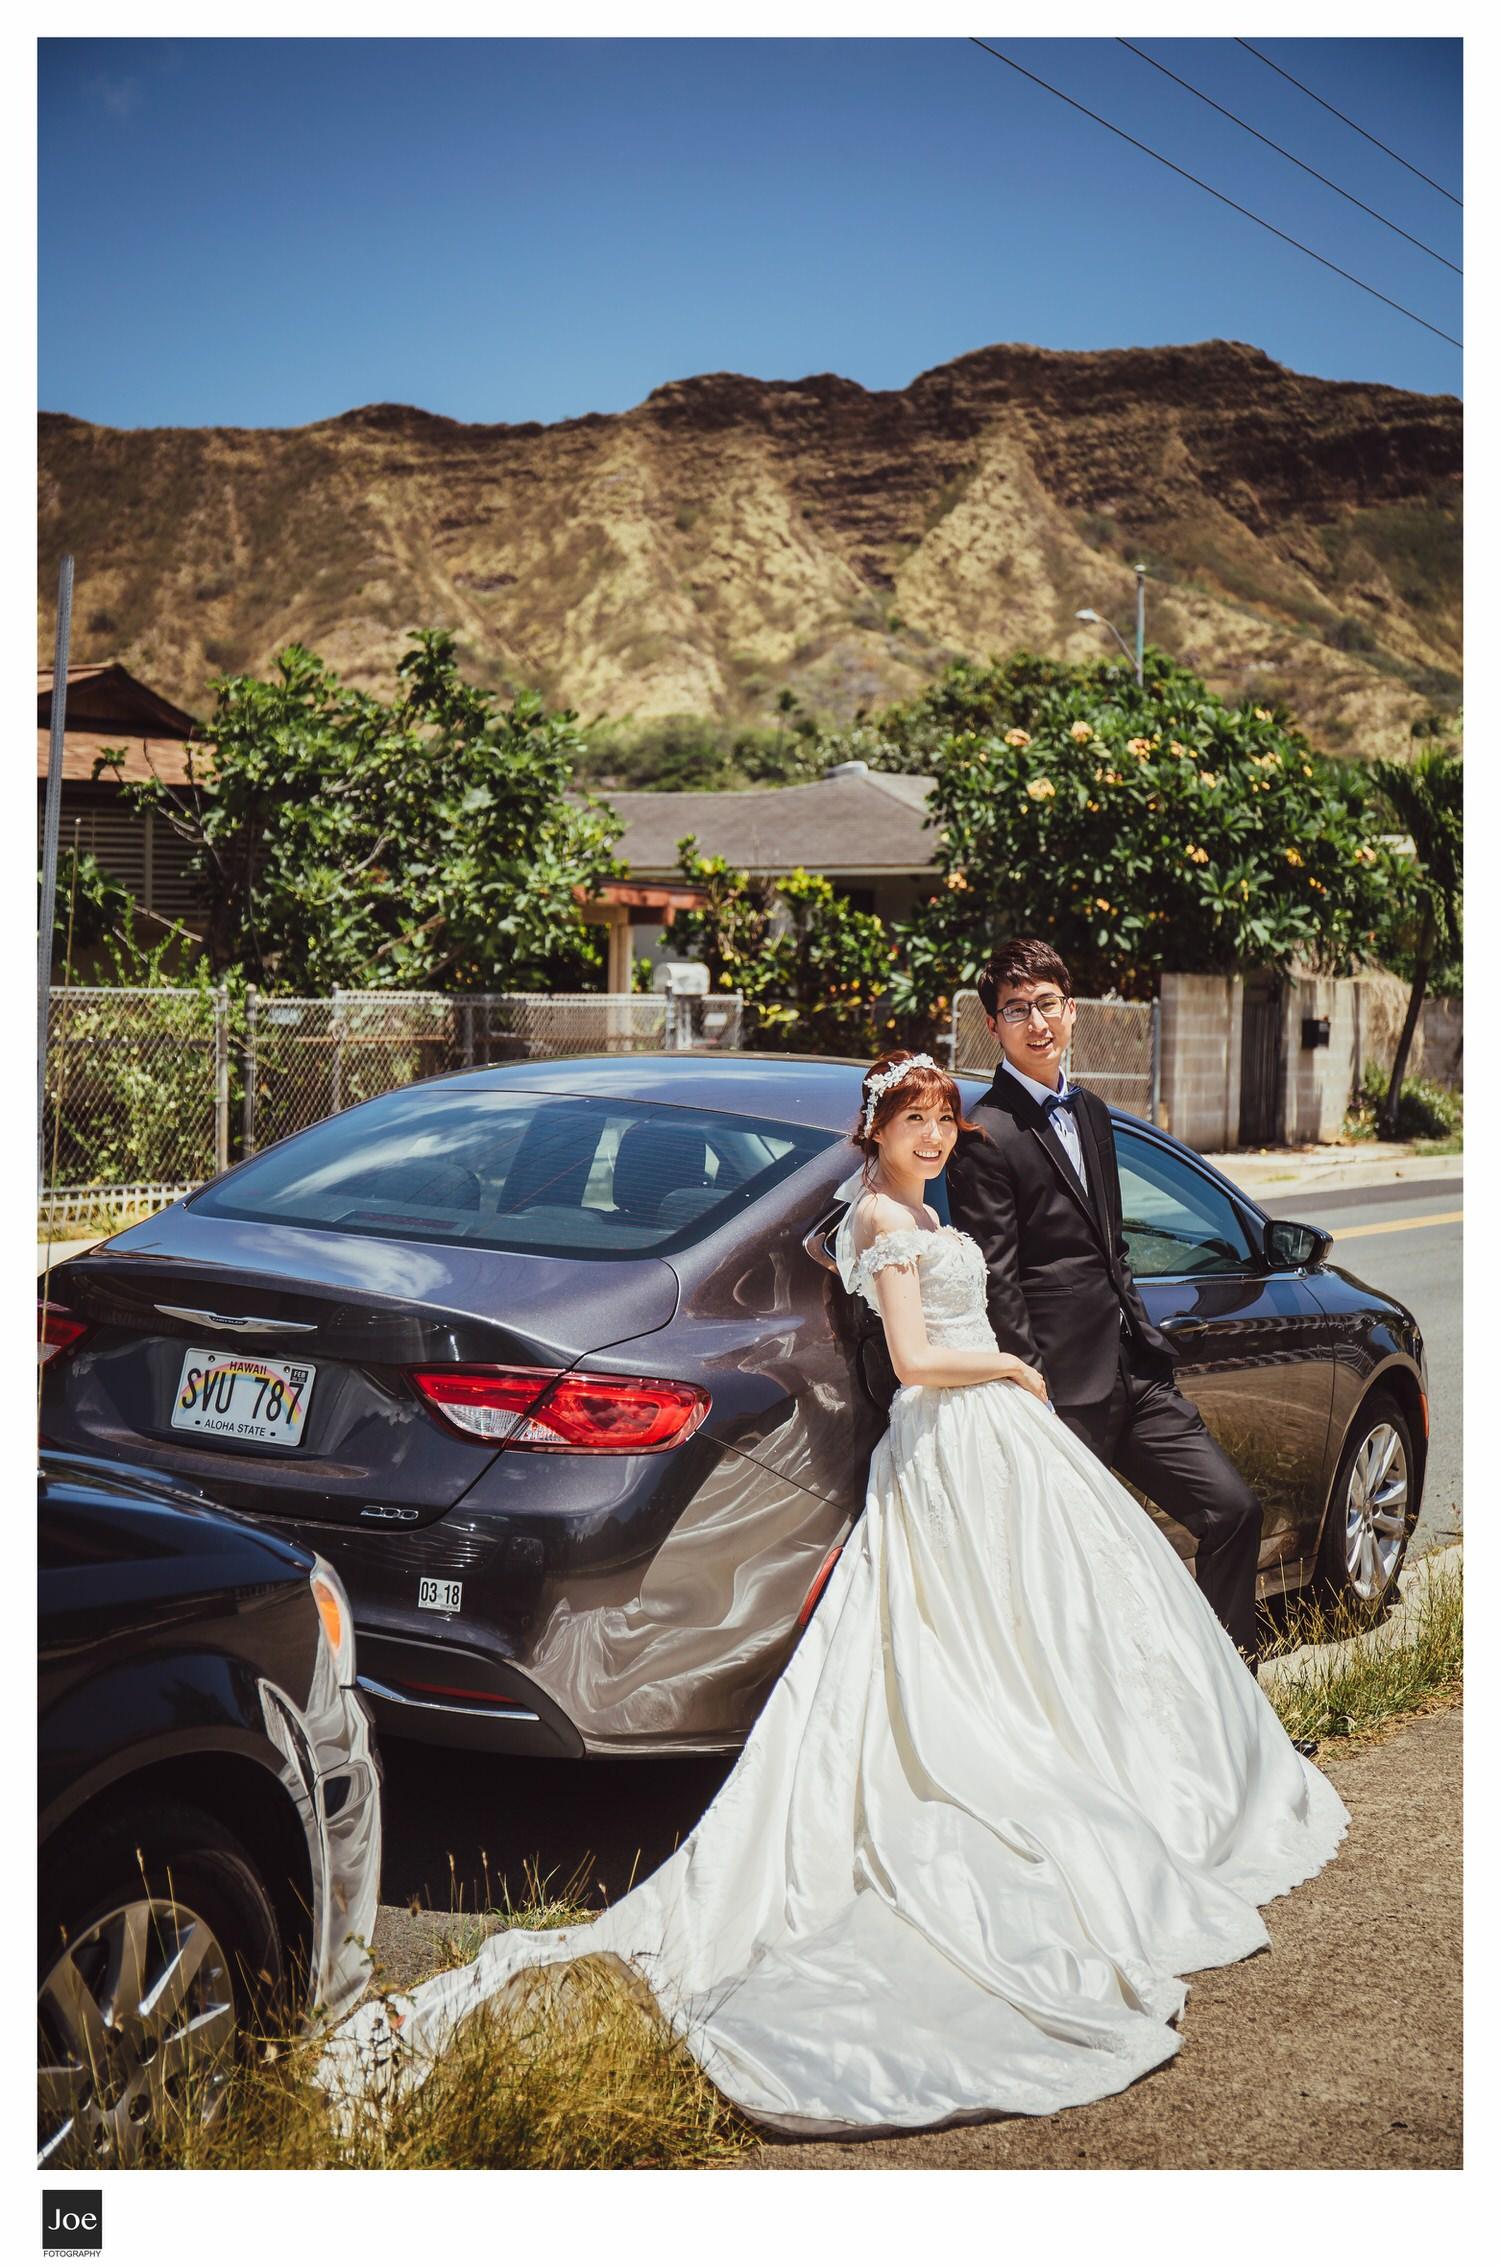 這是新郎新娘租的車 :)